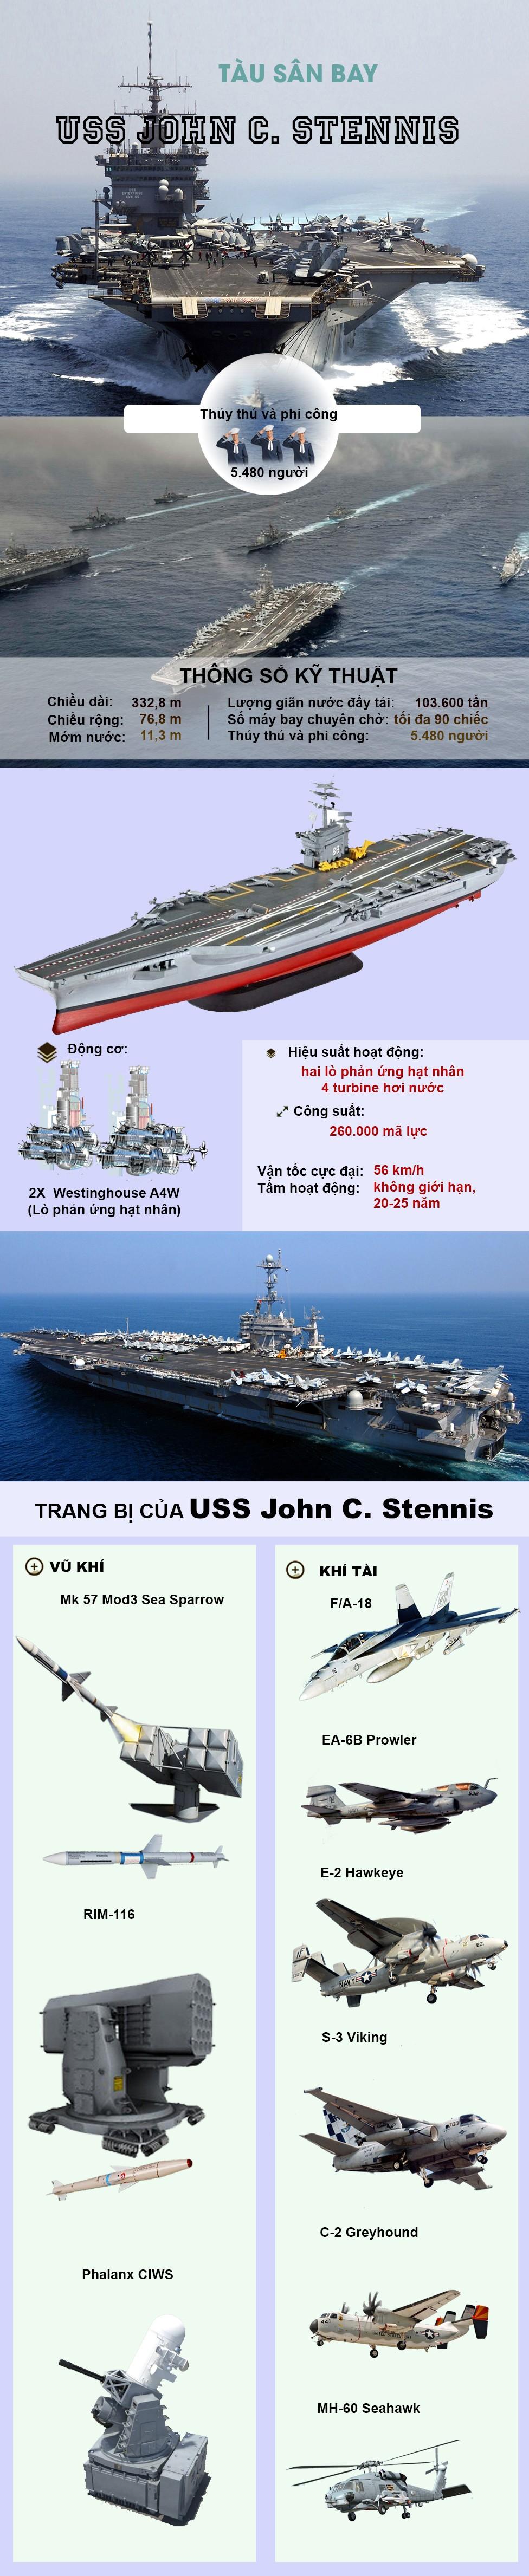 [ĐỒ HỌA] Siêu tàu sân bay Mỹ tiến vào Trung Đông, không chỉ có mình Syria, Iran lo sợ? ảnh 2